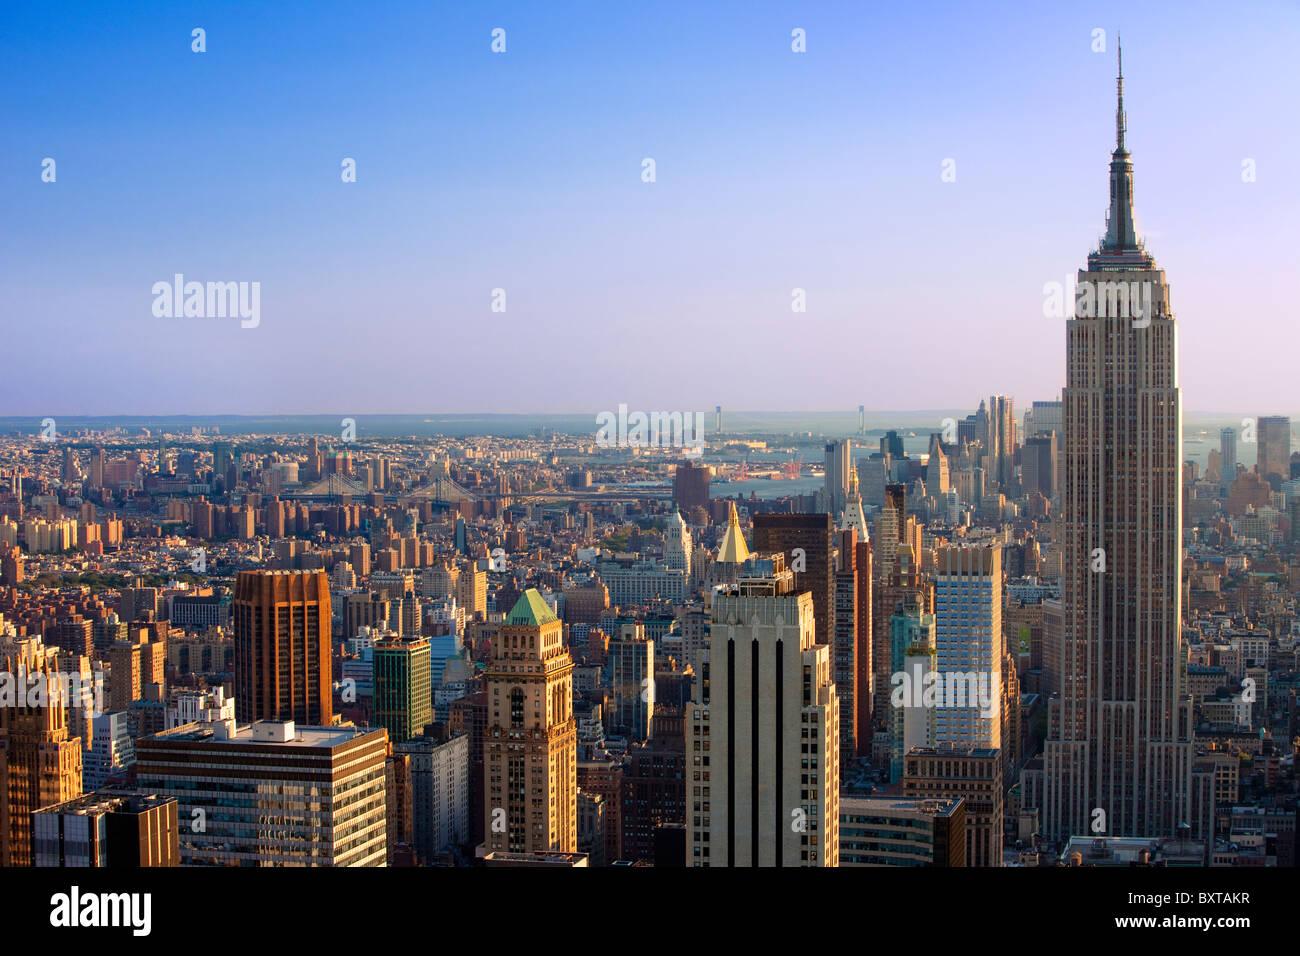 Por la tarde vista del edificio Empire State y del horizonte de Manhattan, Ciudad de Nueva York EE.UU. Imagen De Stock